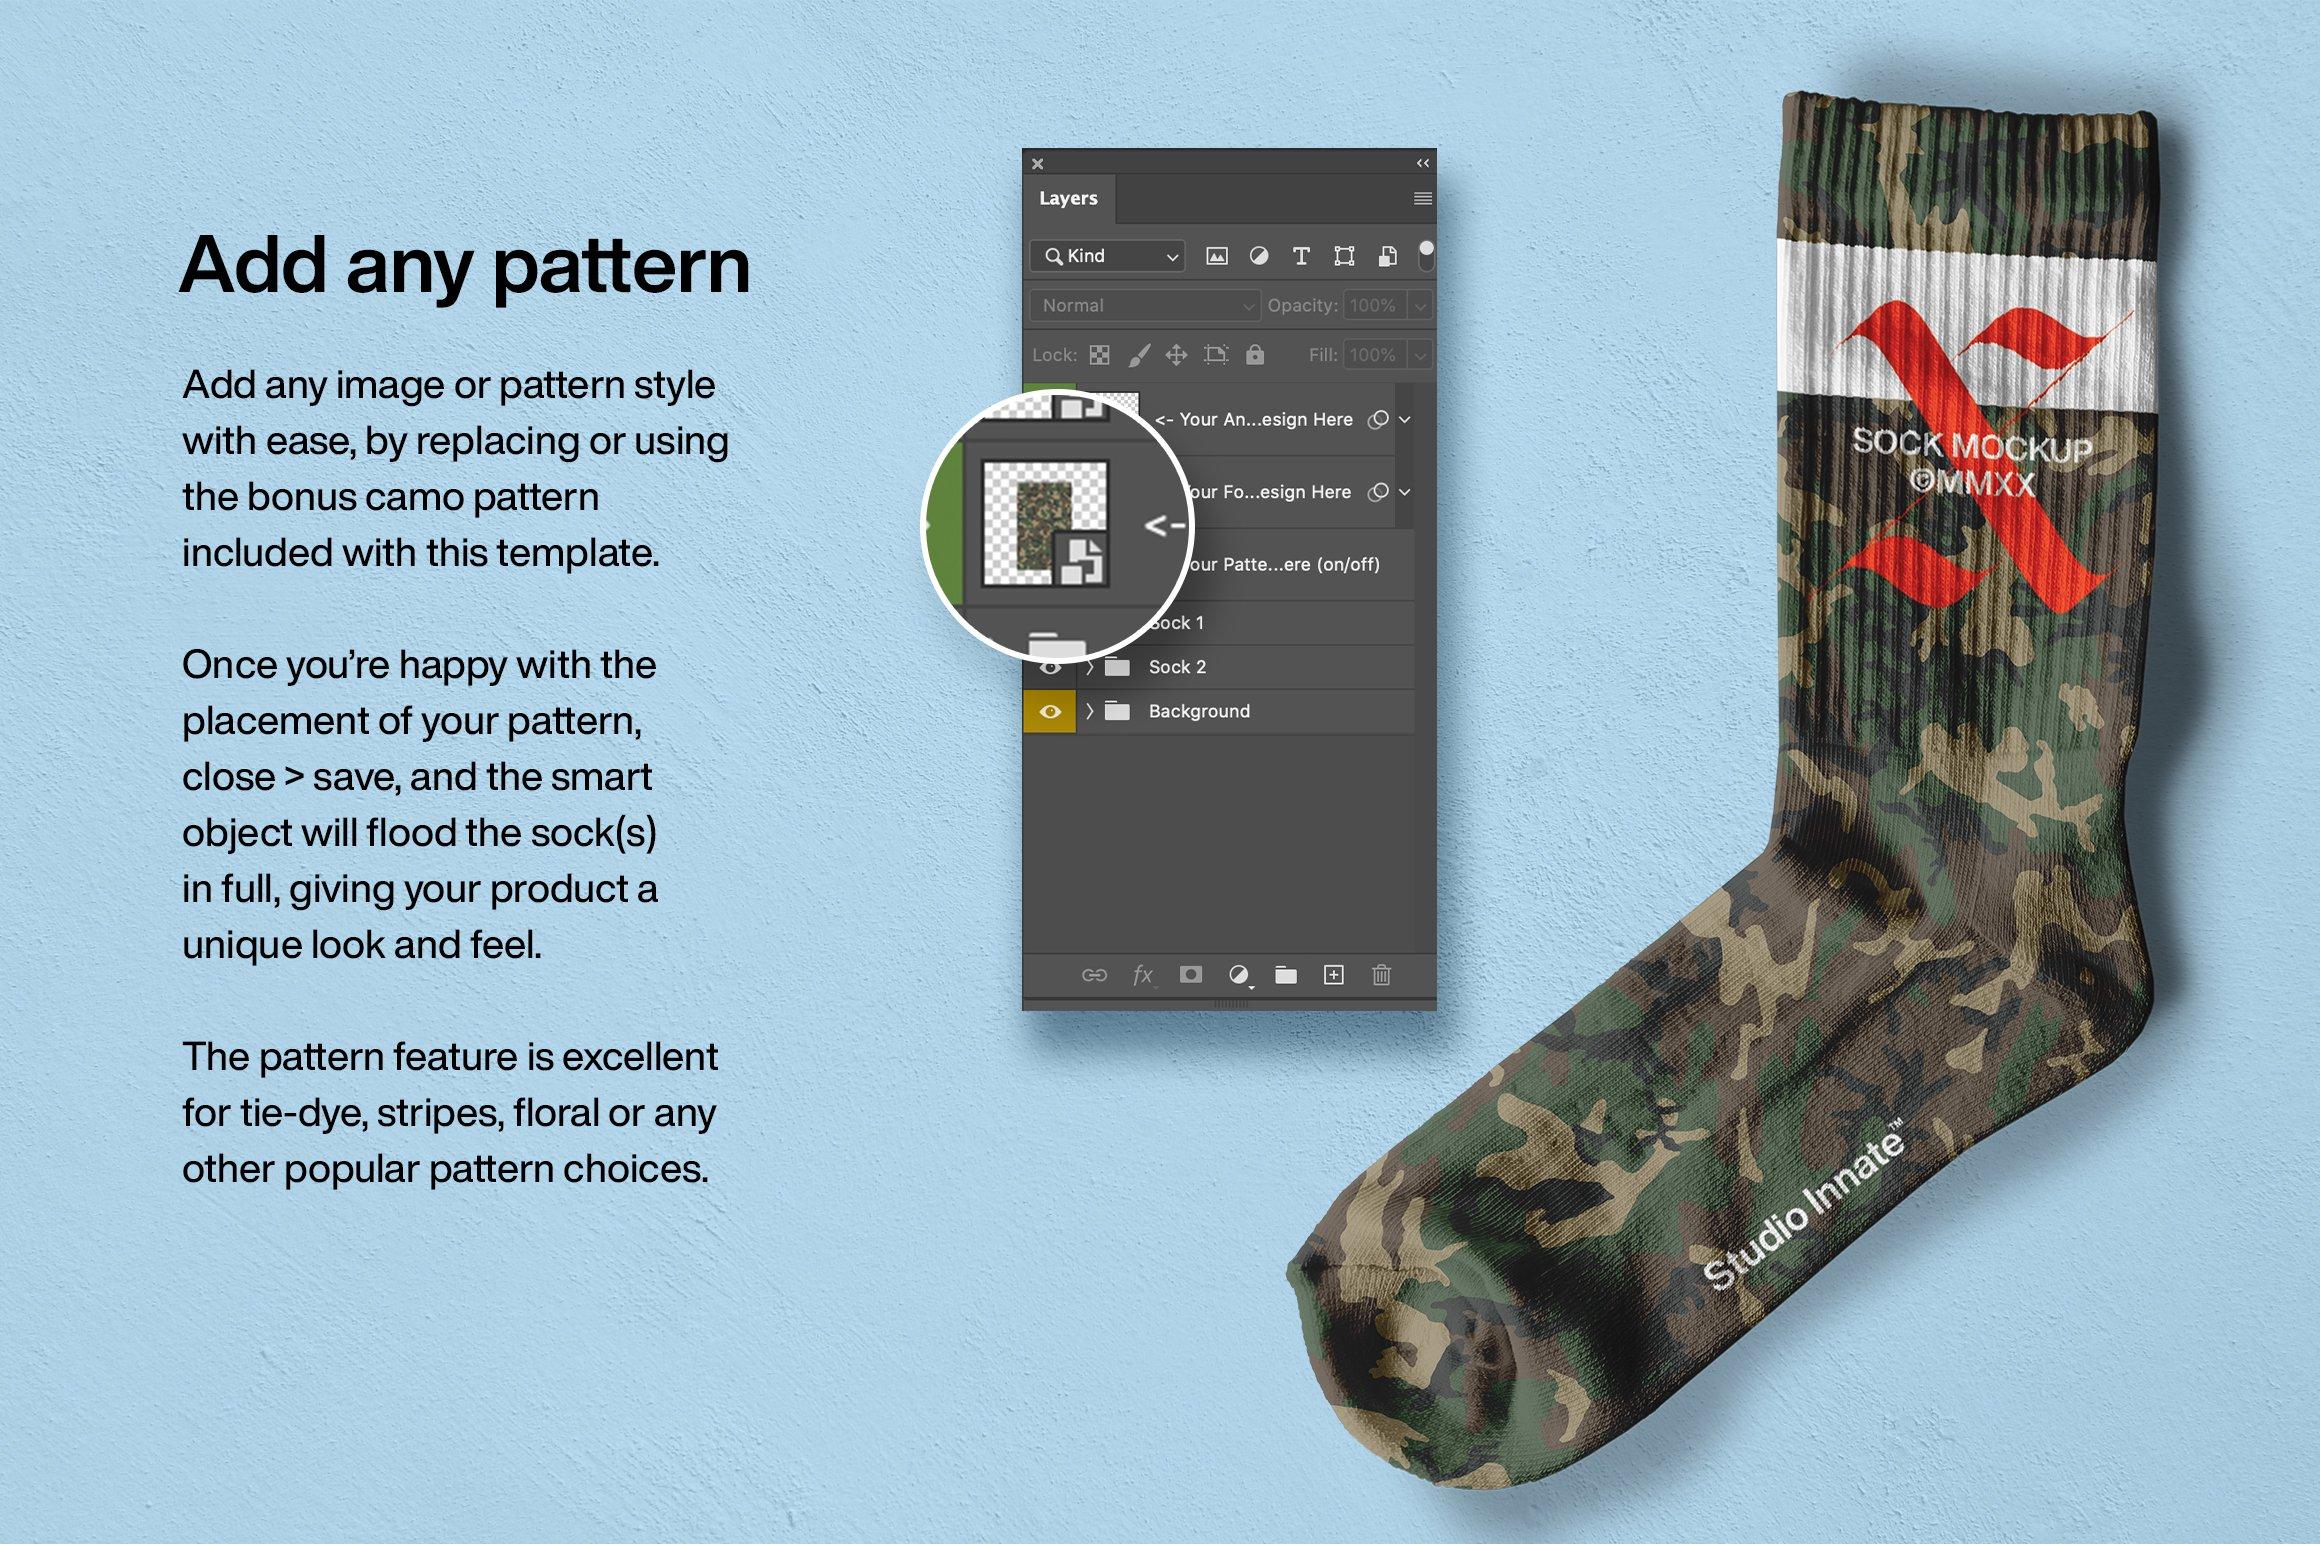 简约运动长筒袜子印花图案设计展示贴图样机 Sports Socks Mockup插图(4)